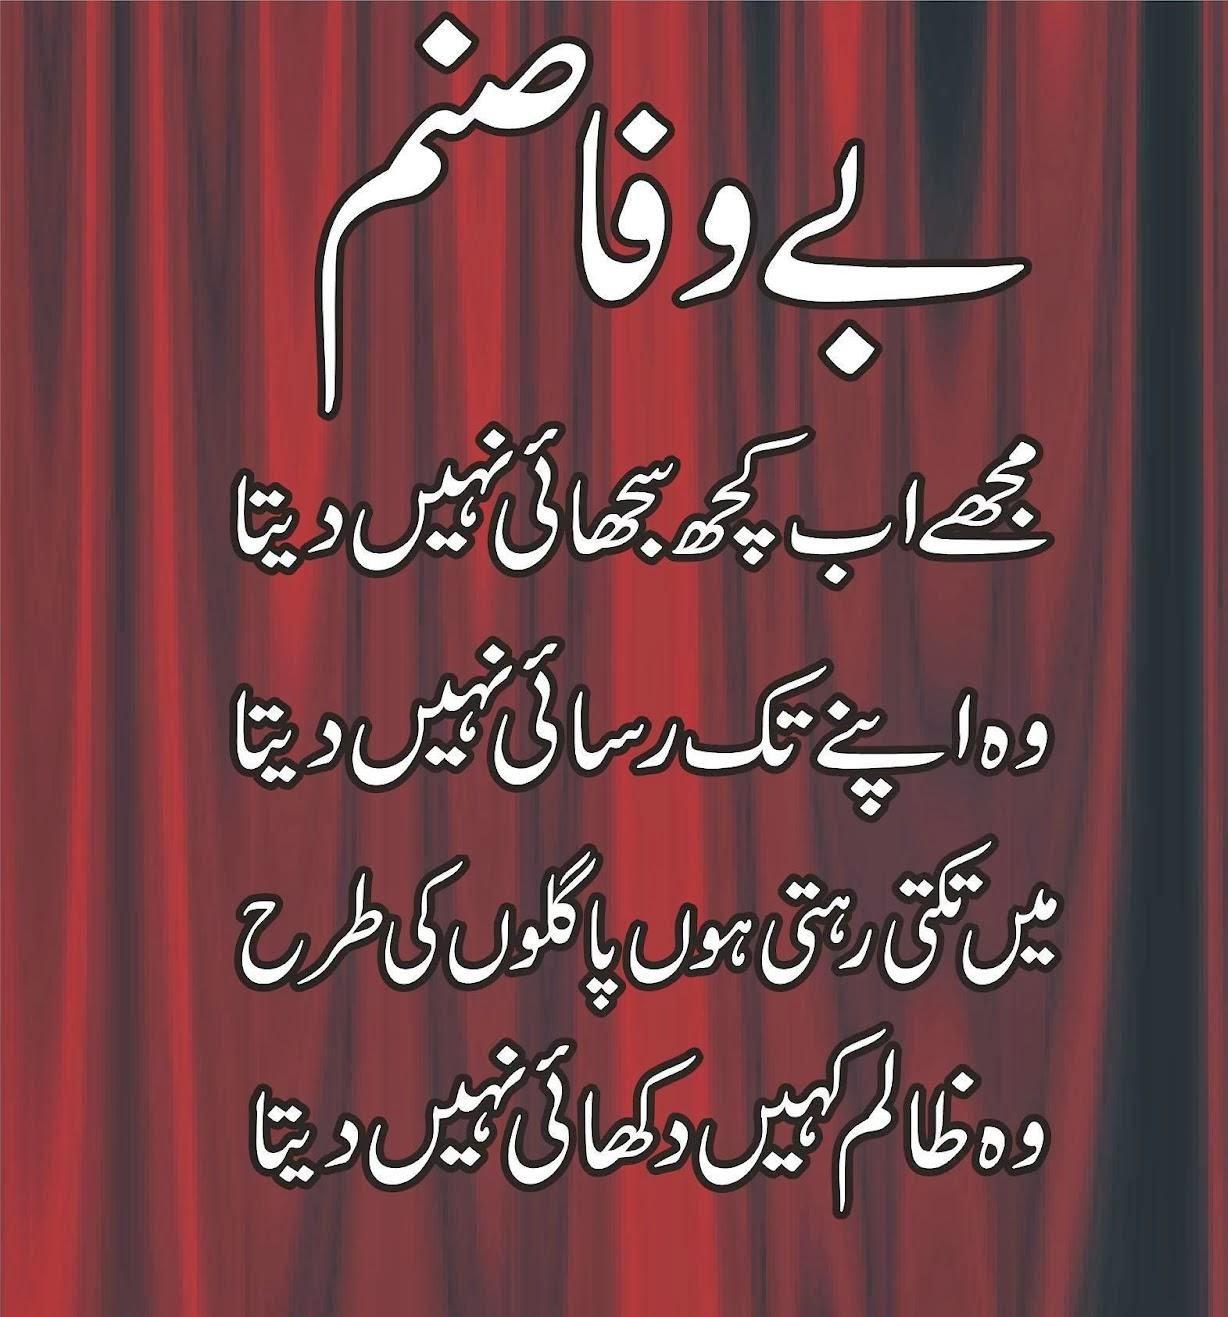 Bewafa Sanam, Bewafa Poetry, Urdu Poetry, Urdu Sasd Poetry, Sadest ...